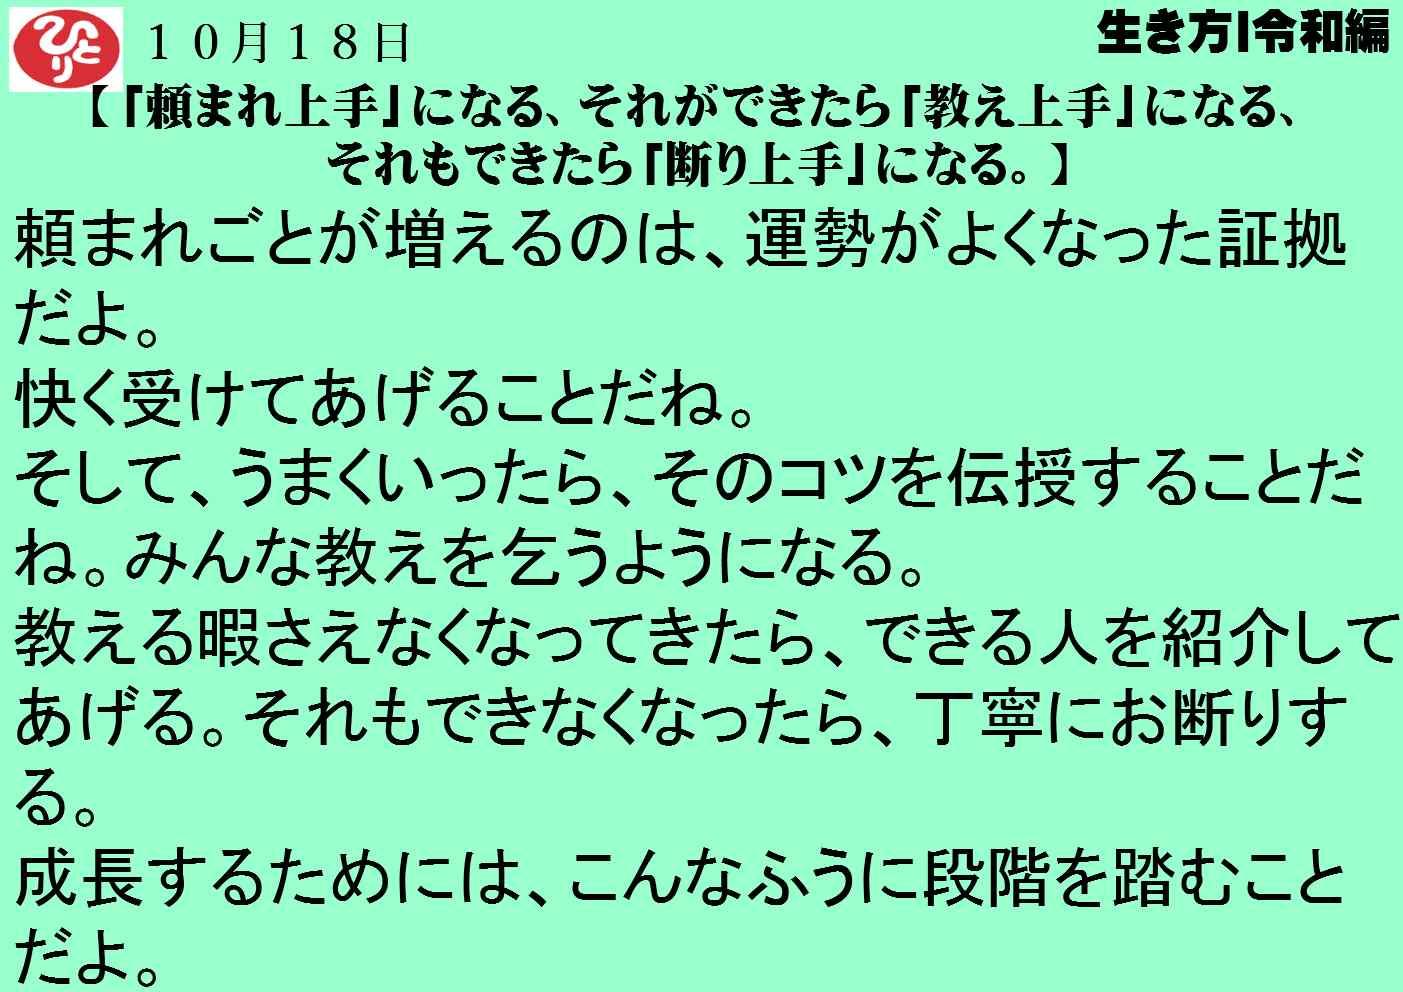 10月18日|「頼まれ上手」になる、 それができたら「教え上手」になる、それもできたら「断り上手」になる。|令和一日一語斎藤一人|生き方